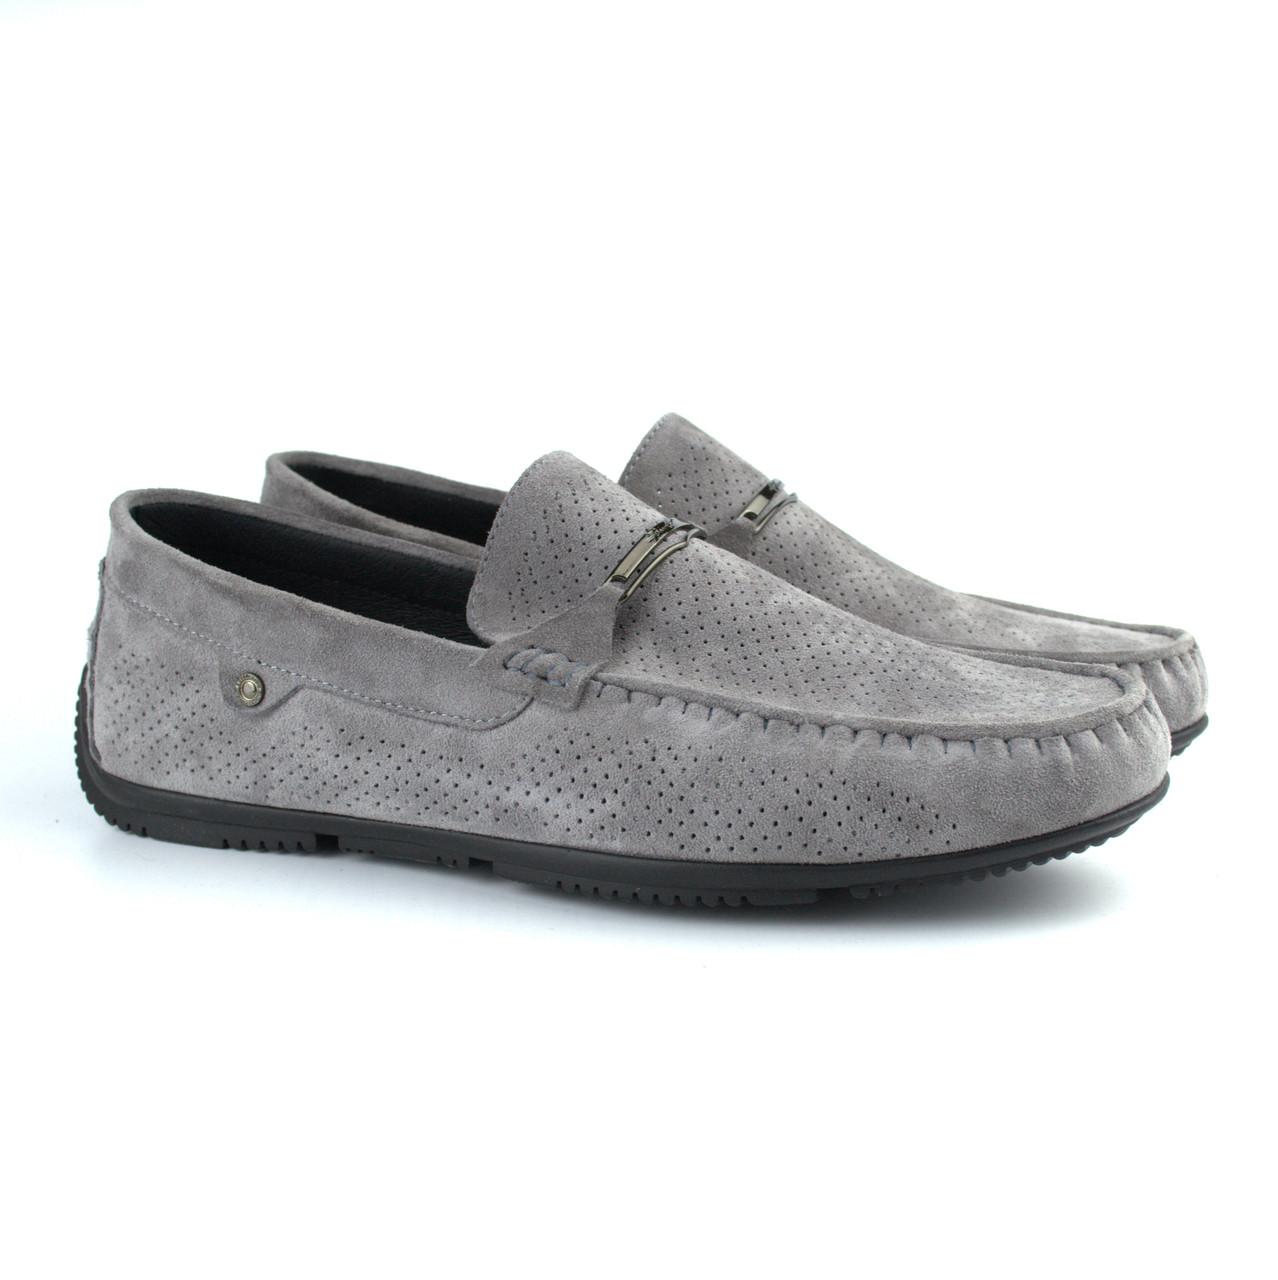 Летние мокасины замшевые серые с перфорацией мужская обувь больших размеров Rosso Avangard Platinum Vel BS